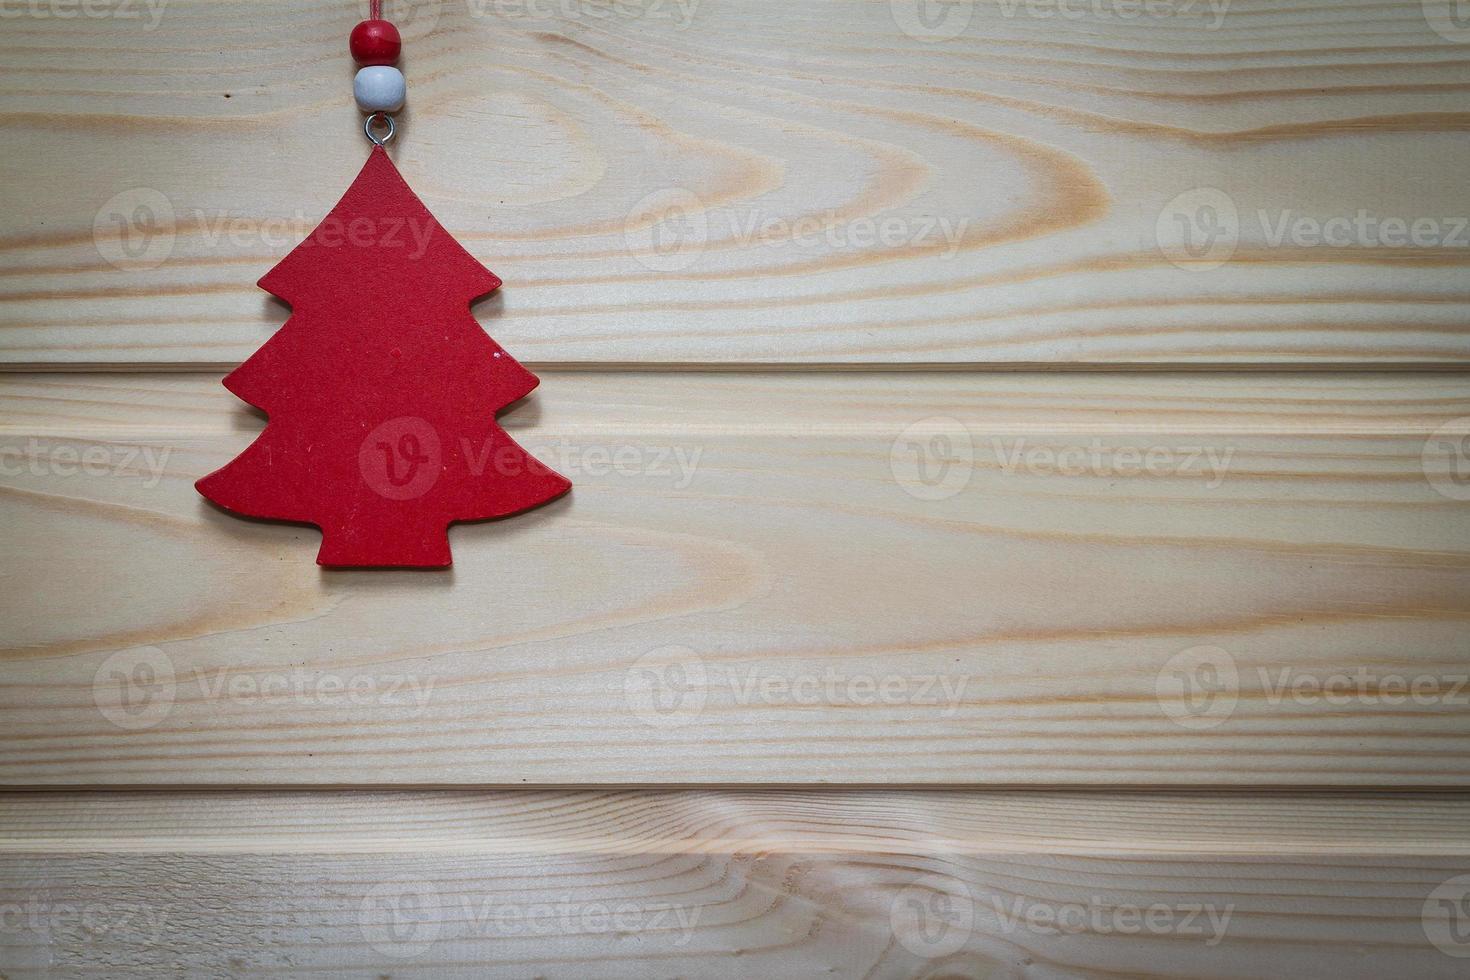 Fondo de madera de navidad decorado con un juguete. foto